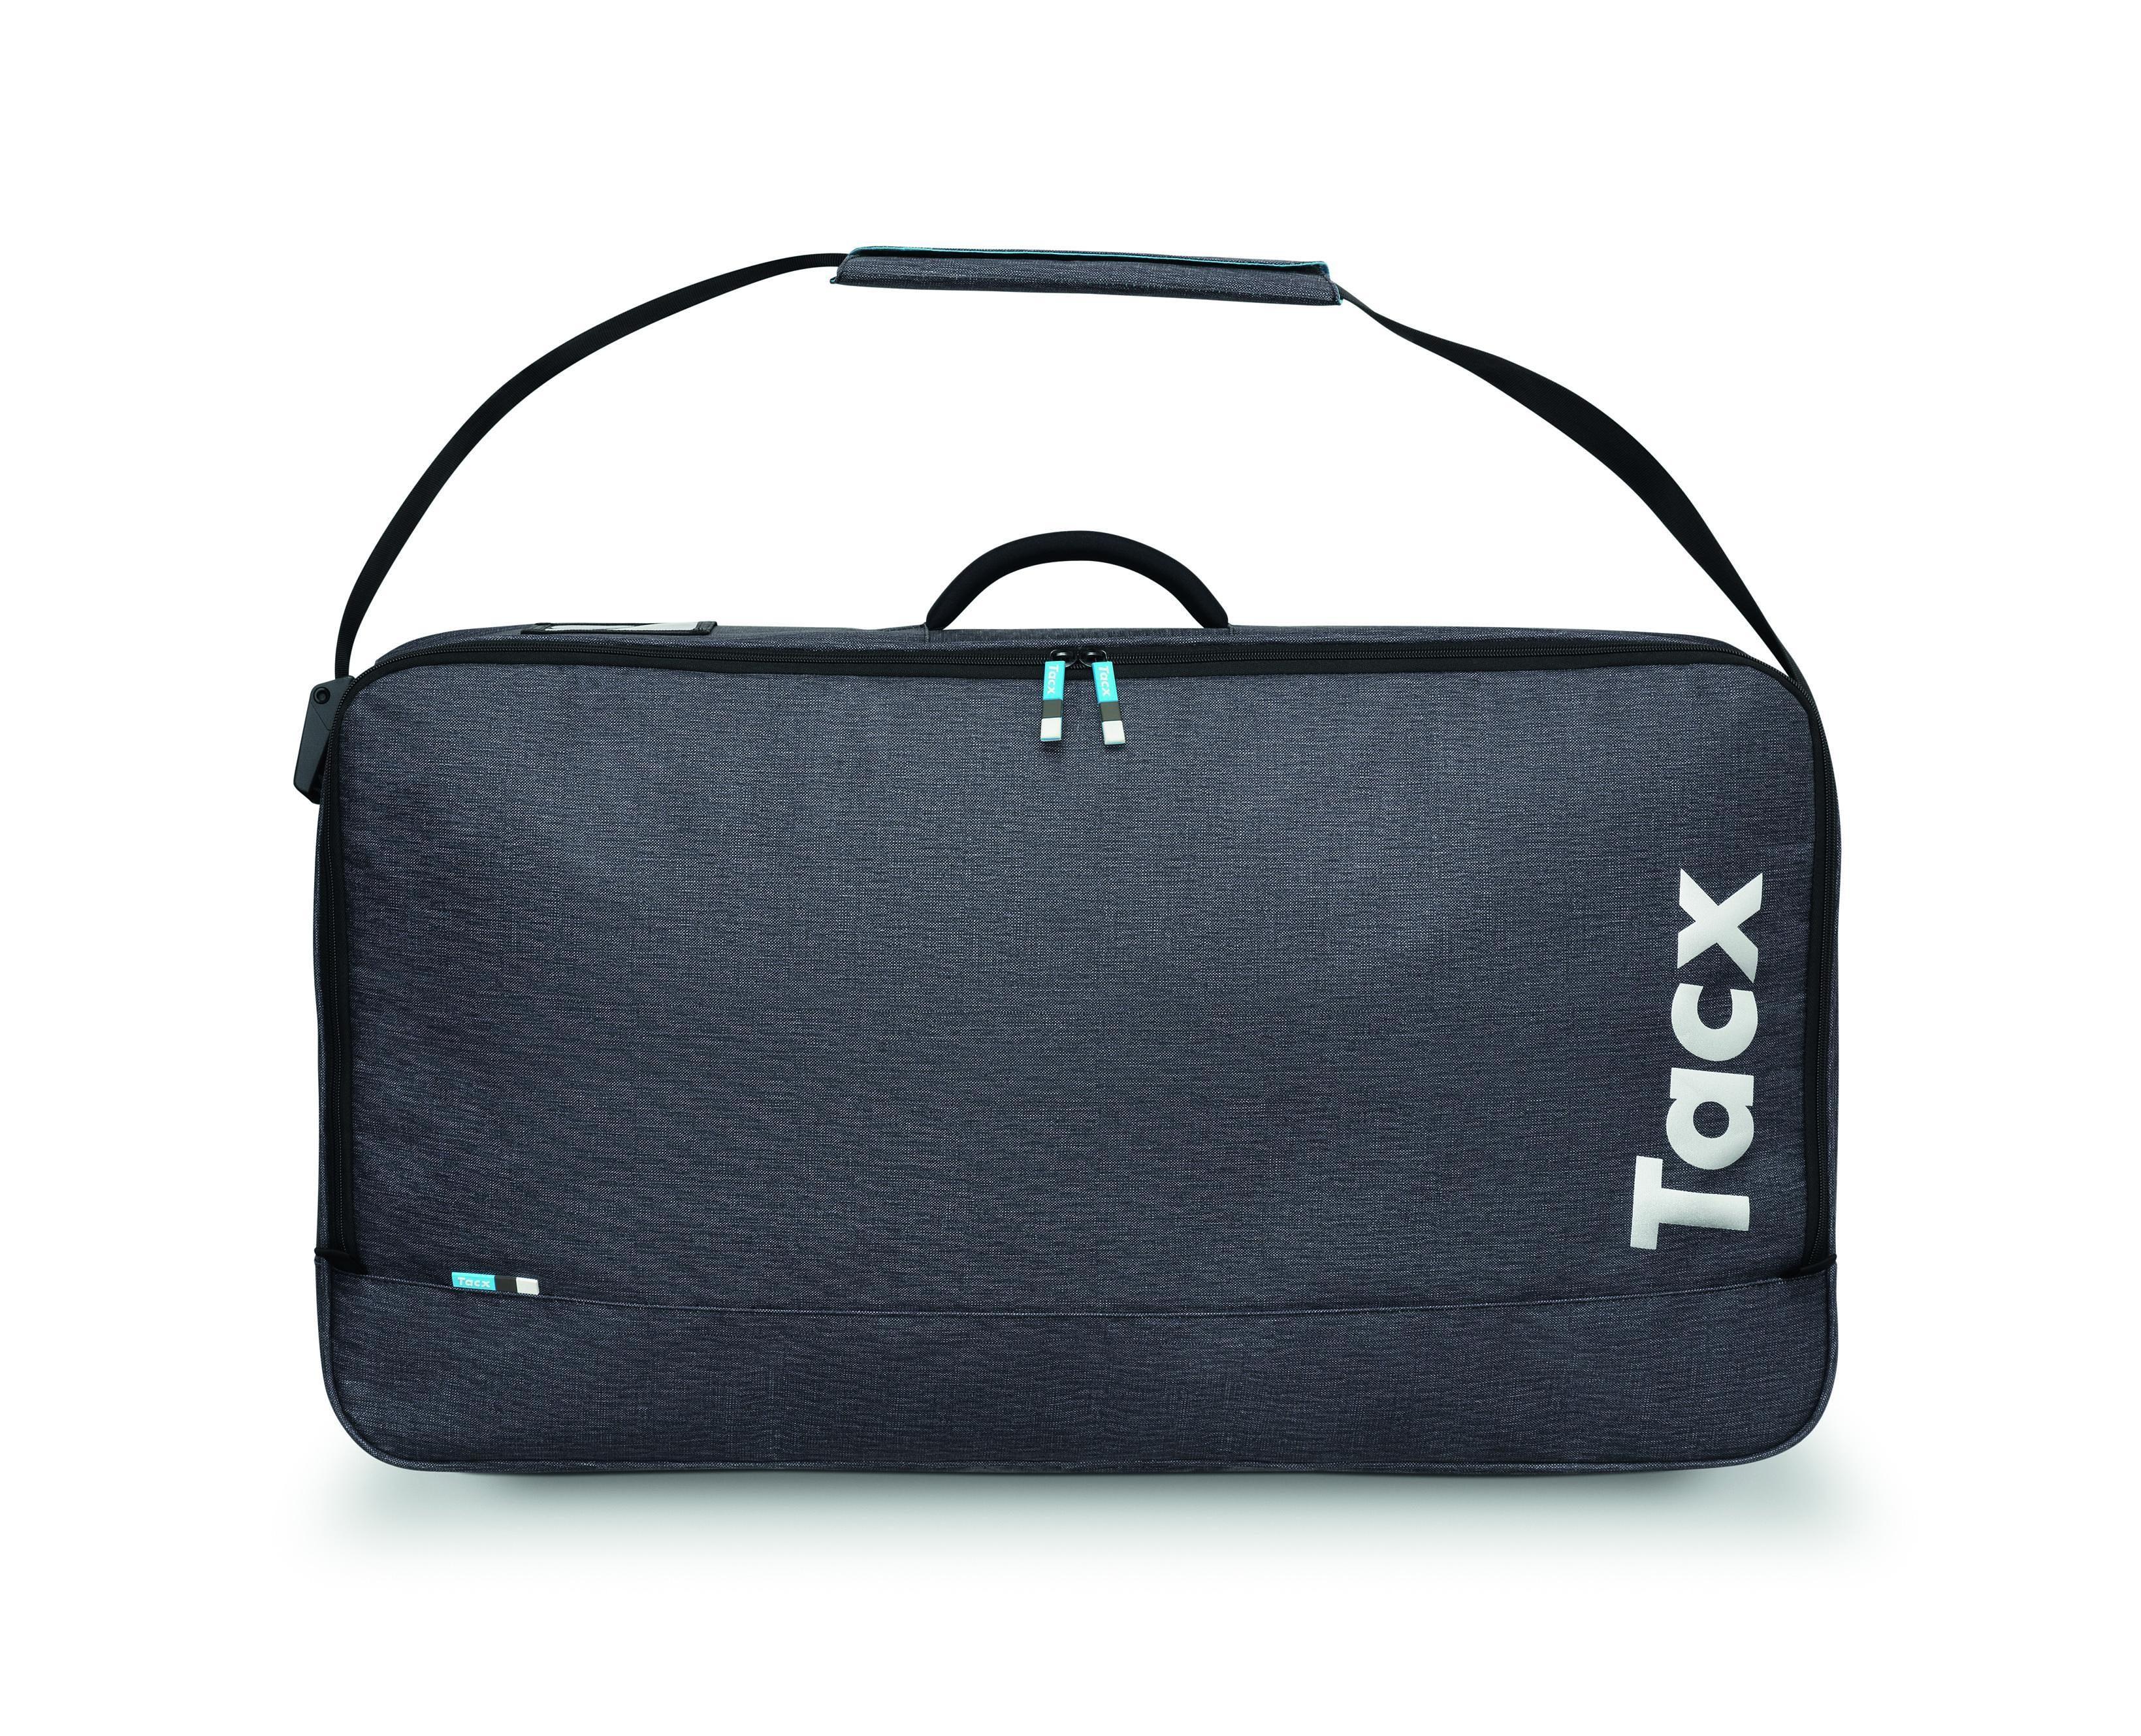 Tacx Vorderradstütze »Transporttasche für Antares & Galaxia«